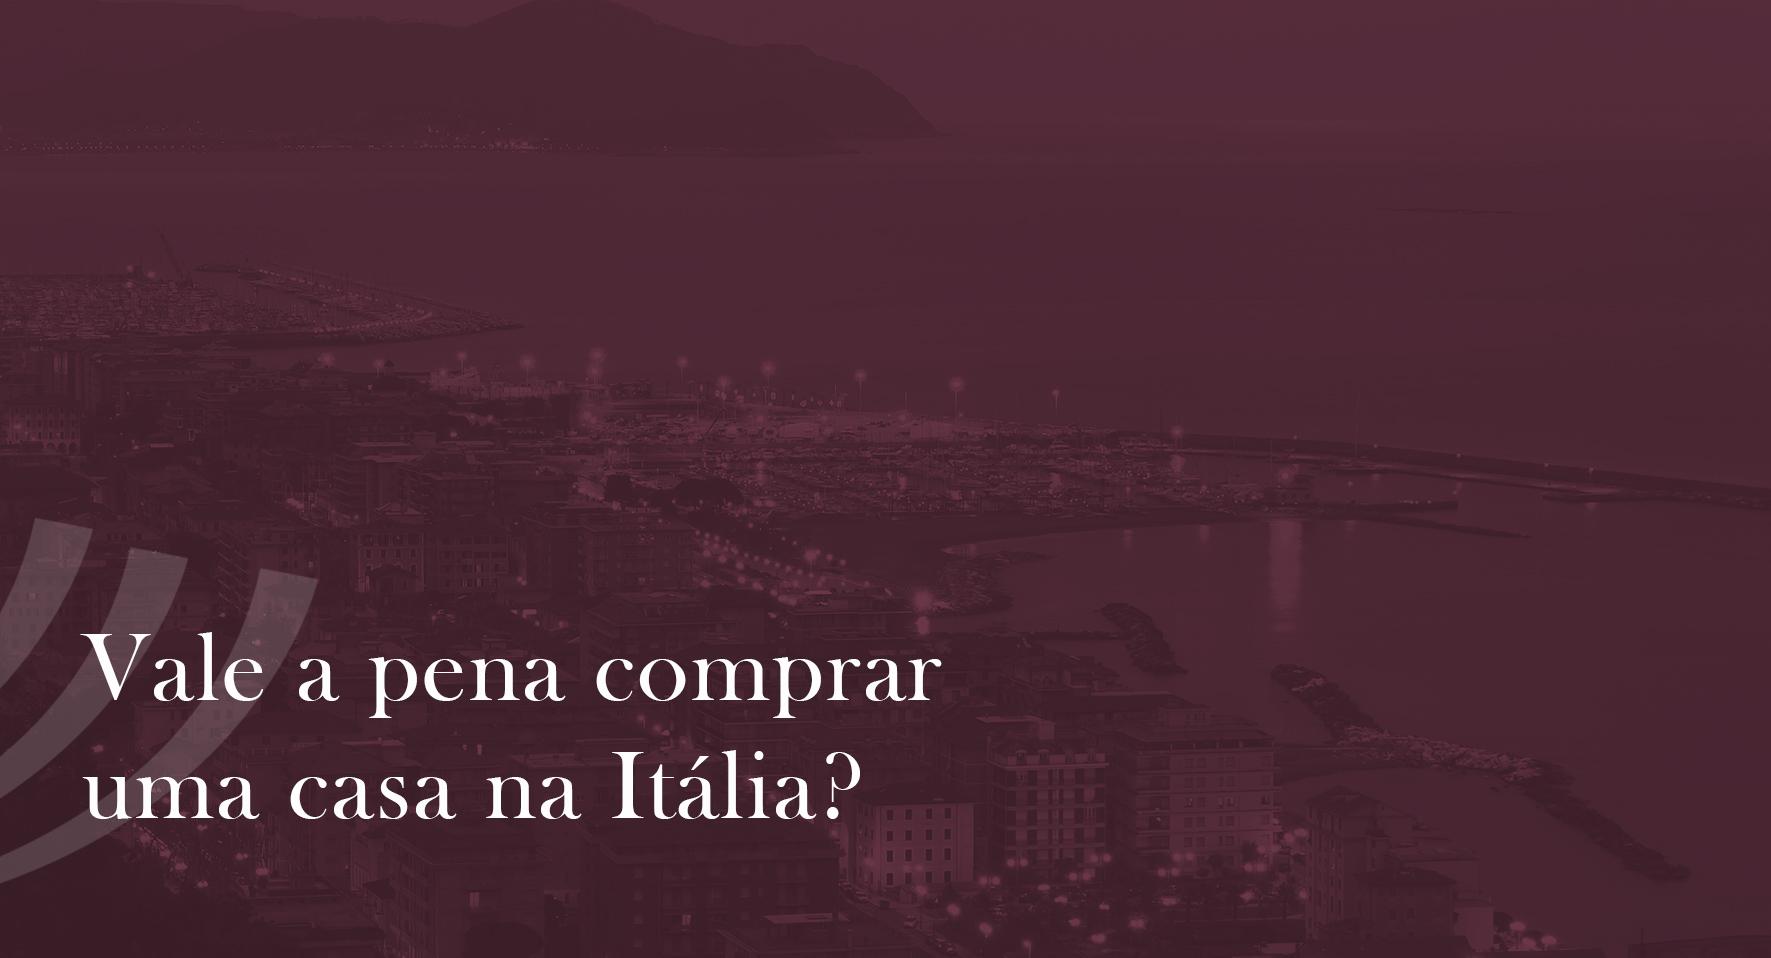 Vale a Pena Comprar Casas e Imóveis na Itália?